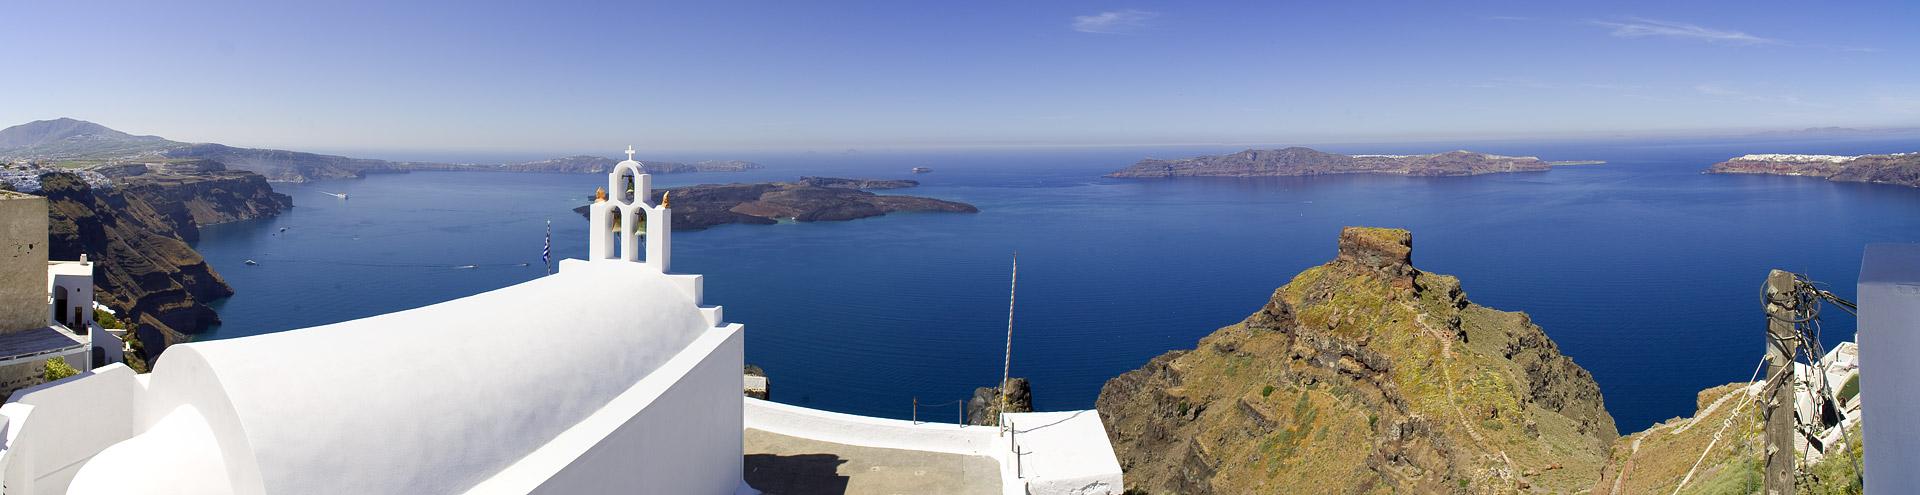 Griechenland-Fotos